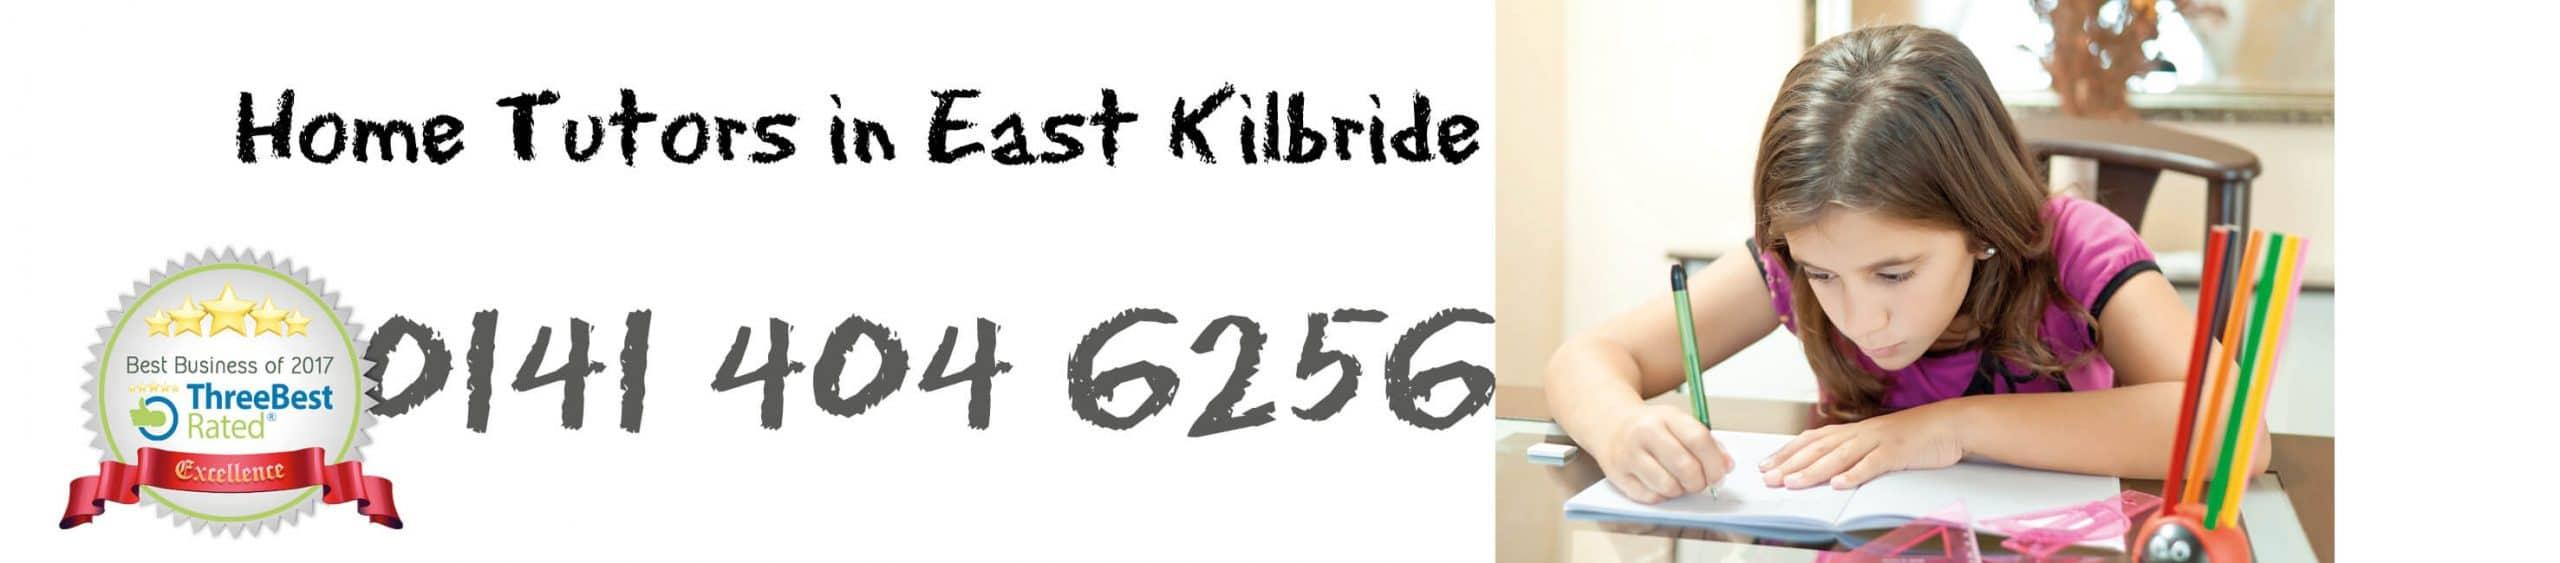 Home Tutors in East Kilbride